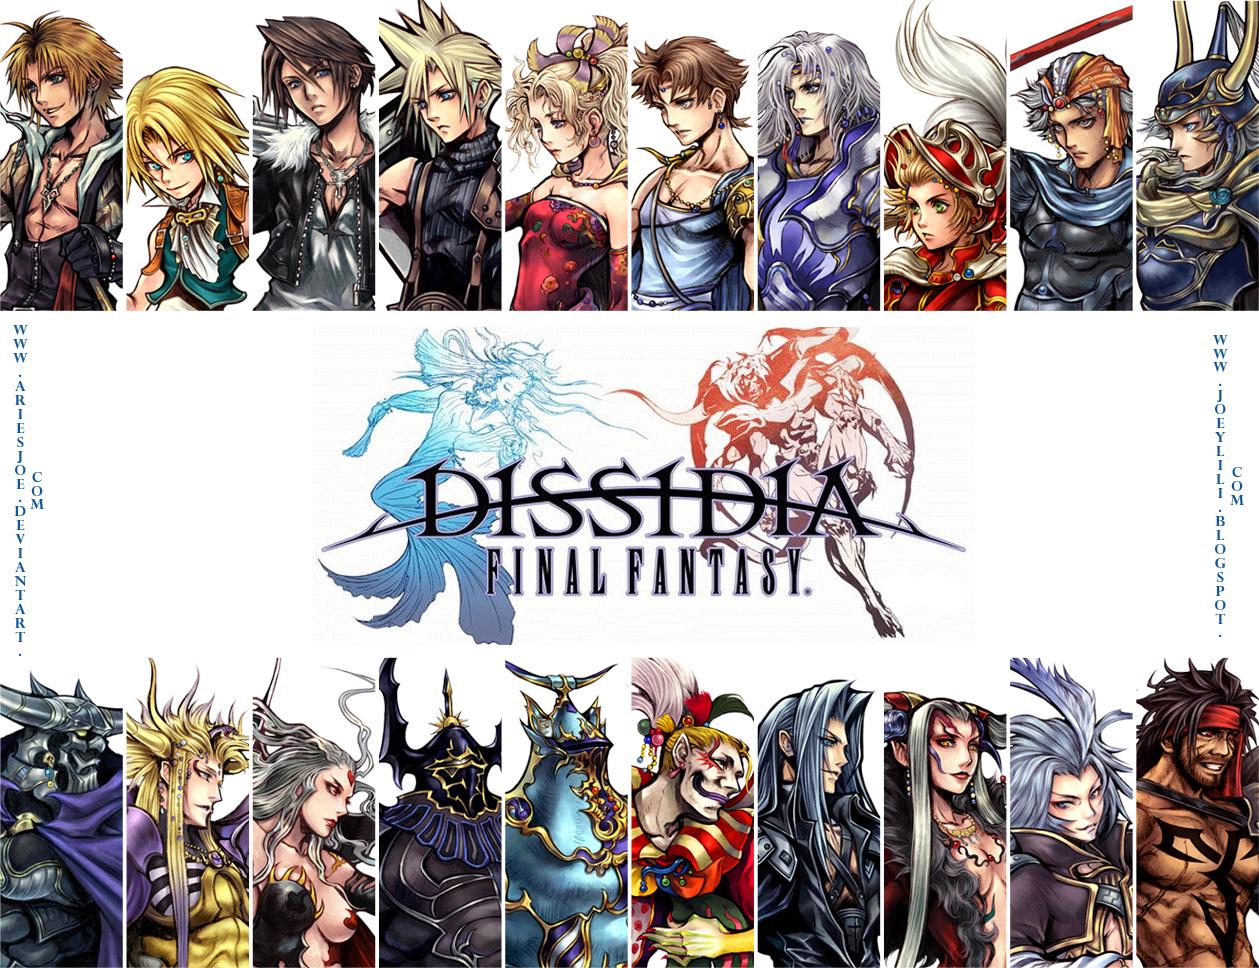 Final fantasy dissidia wallpaper cloud